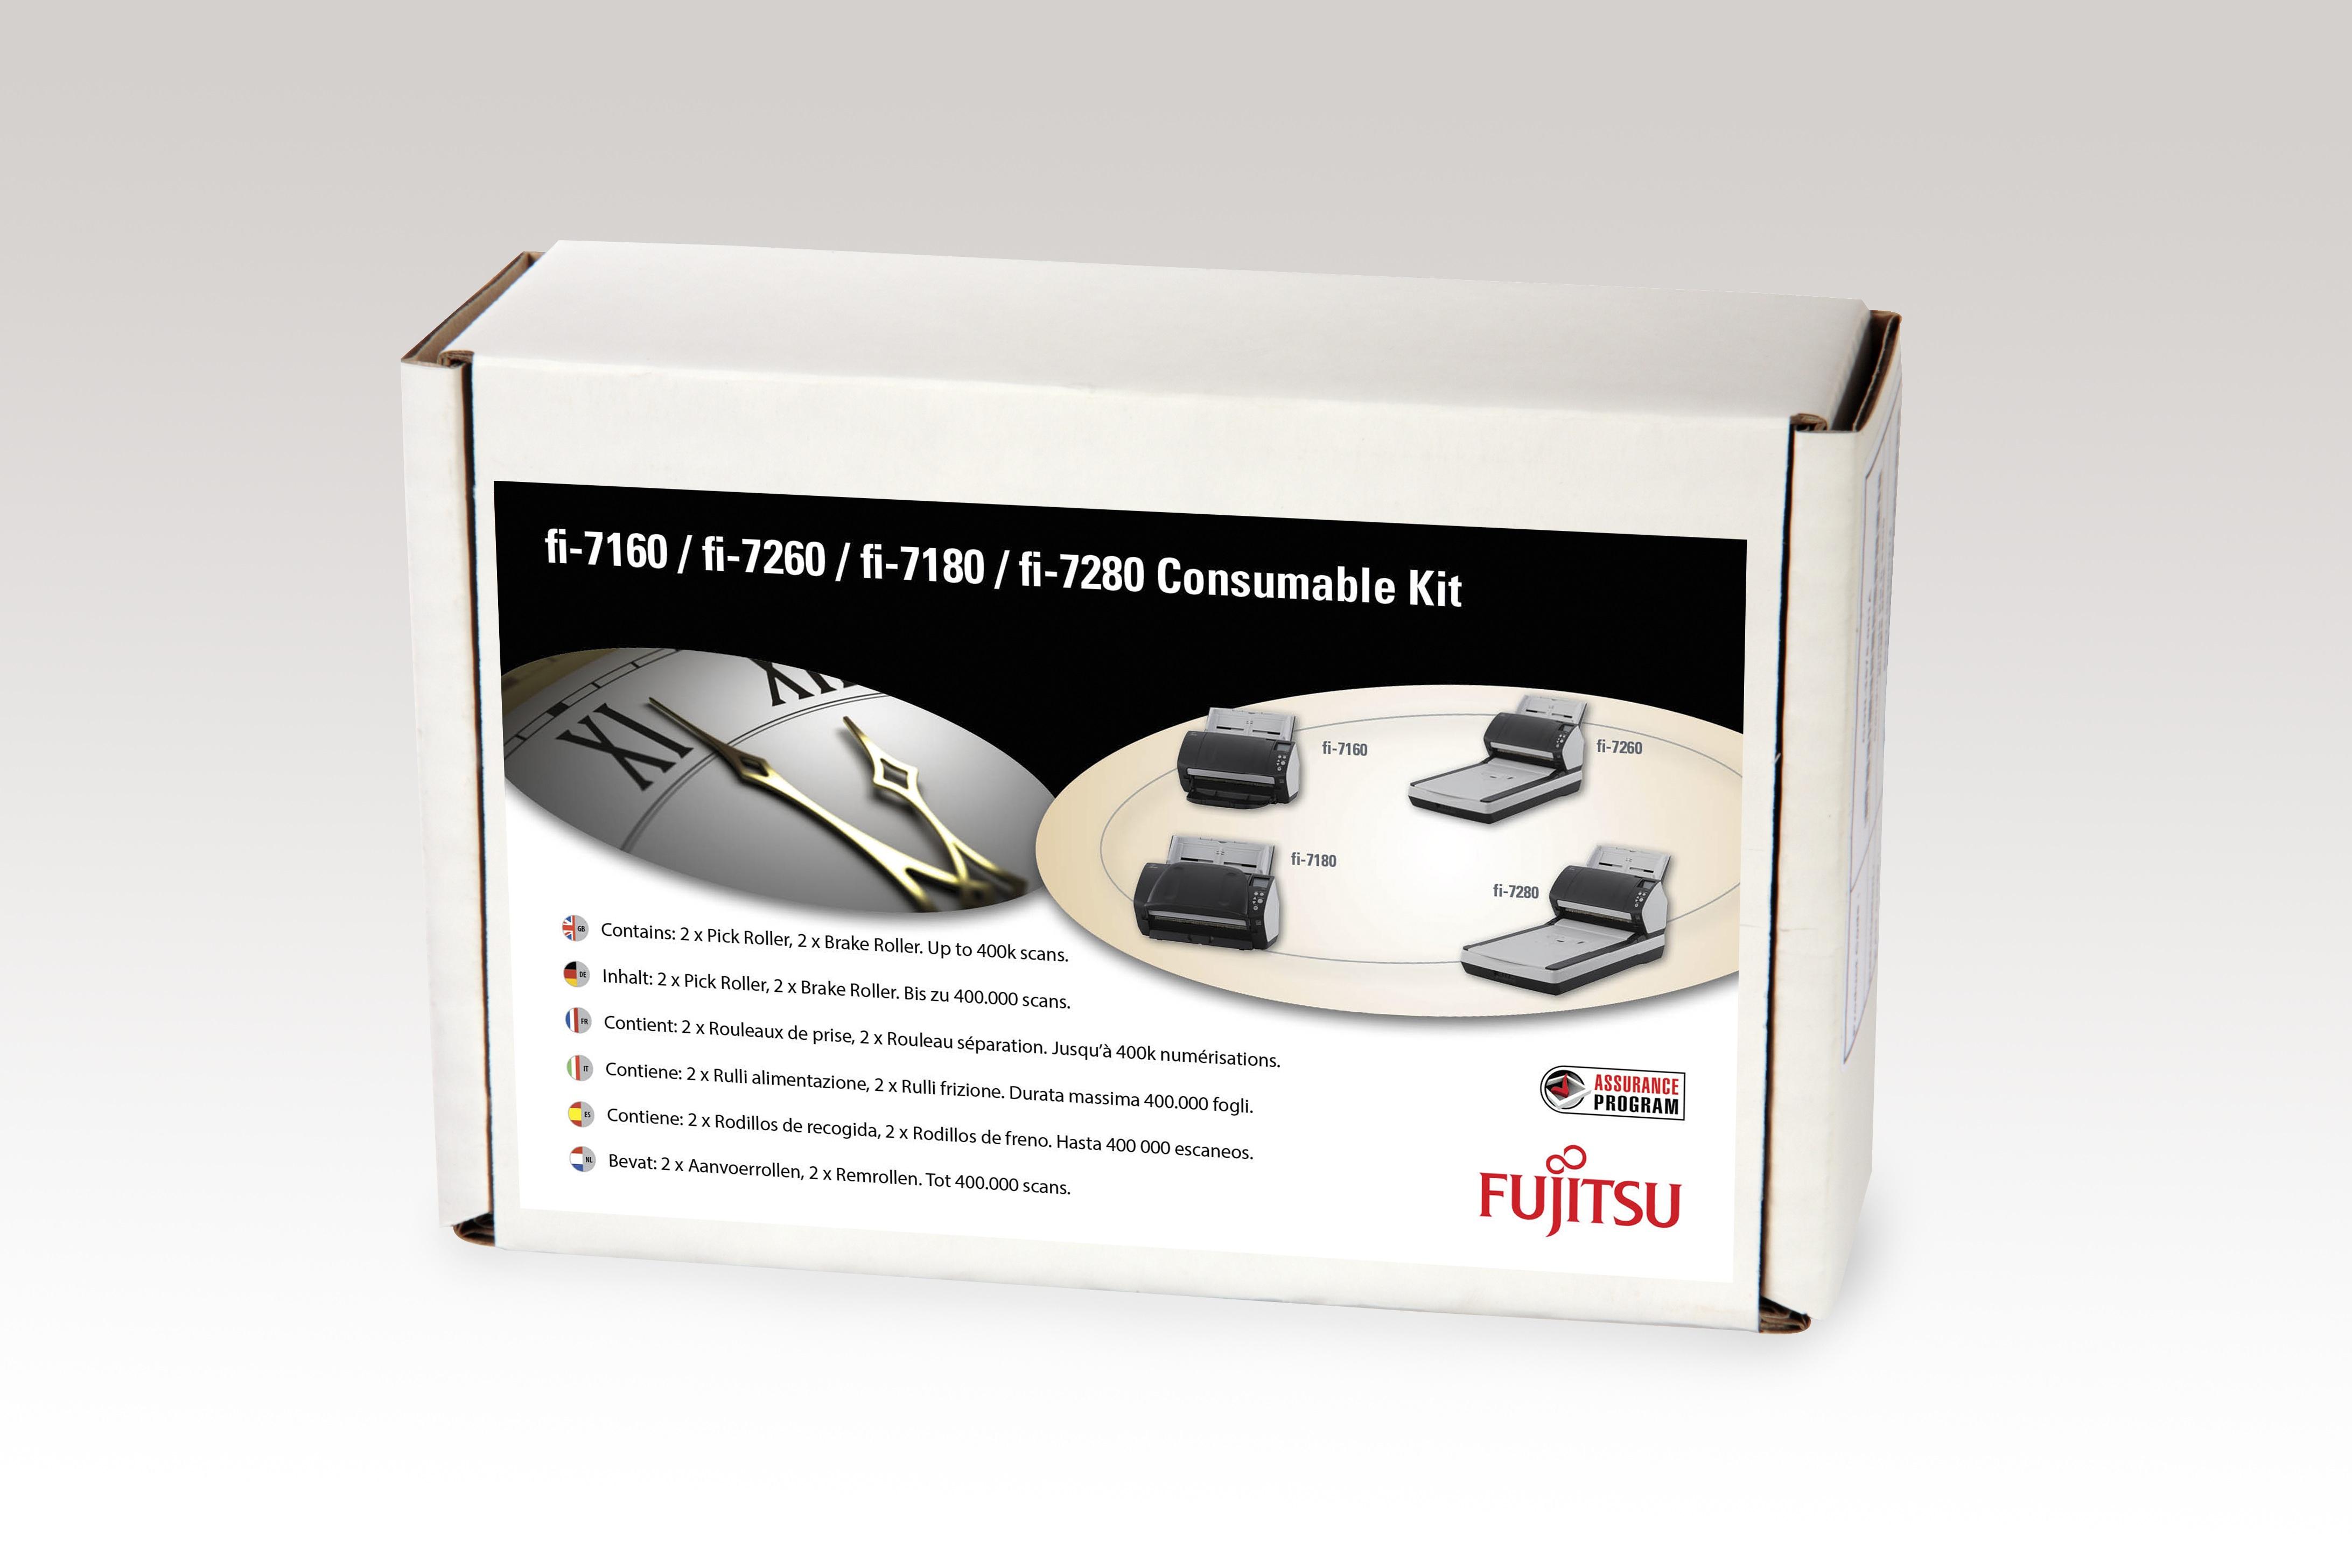 Fujitsu CON-3670-002A Scanner Verbrauchsmaterialienset Drucker-/Scanner-Ersatzteile